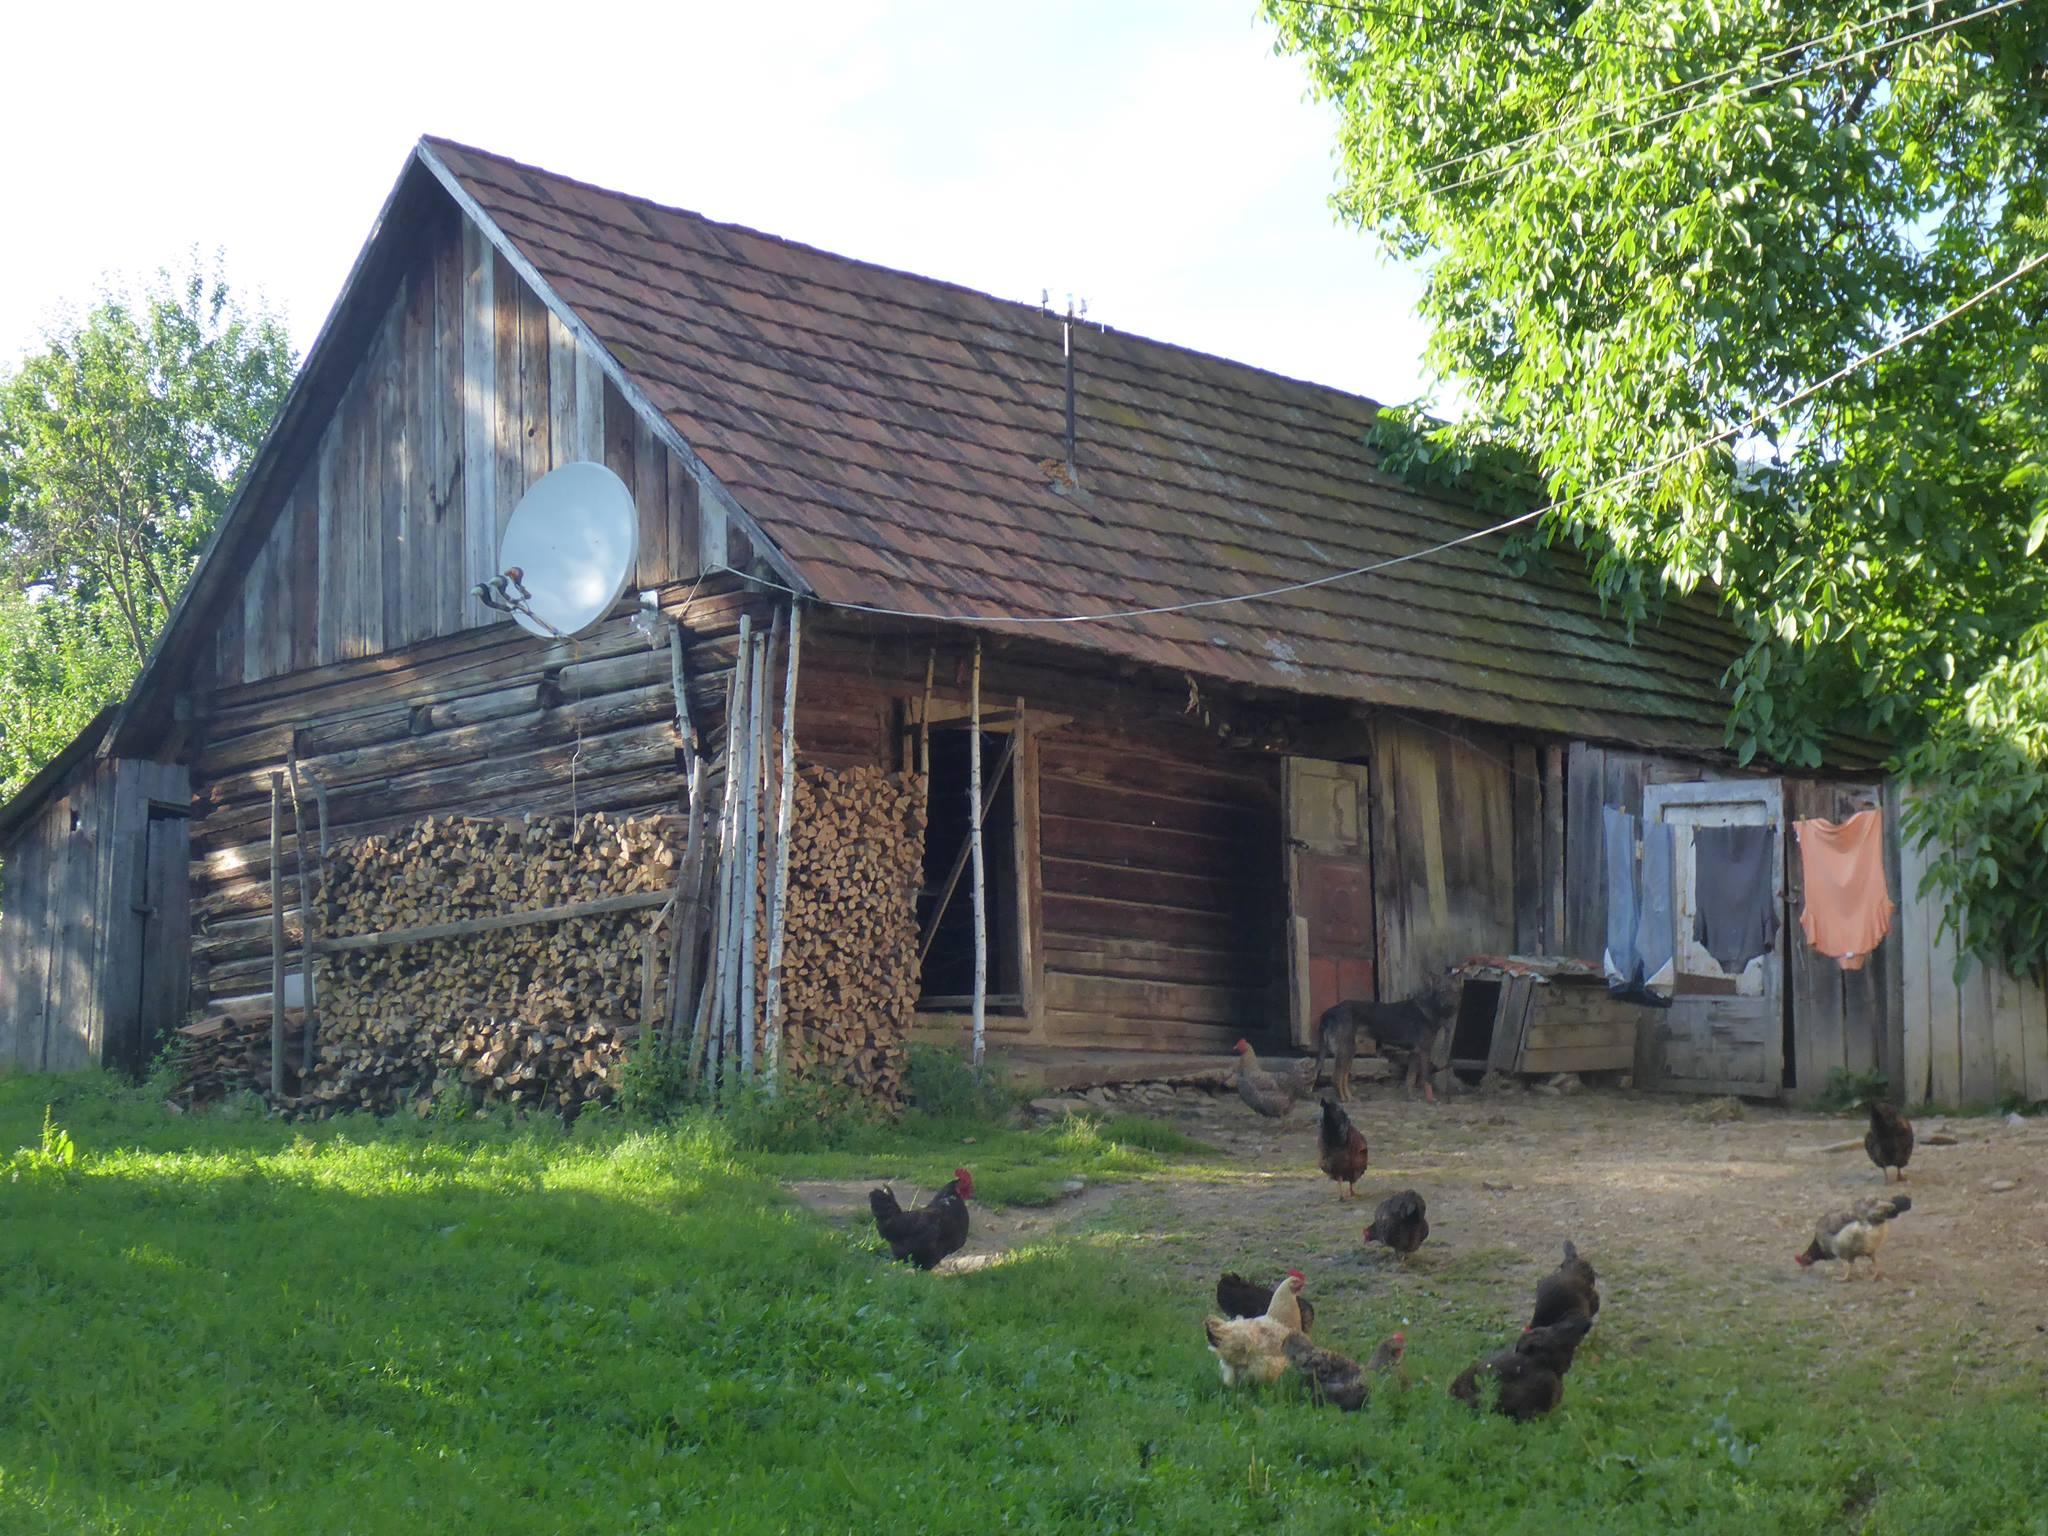 De partout dans les villages les poules sont en liberté